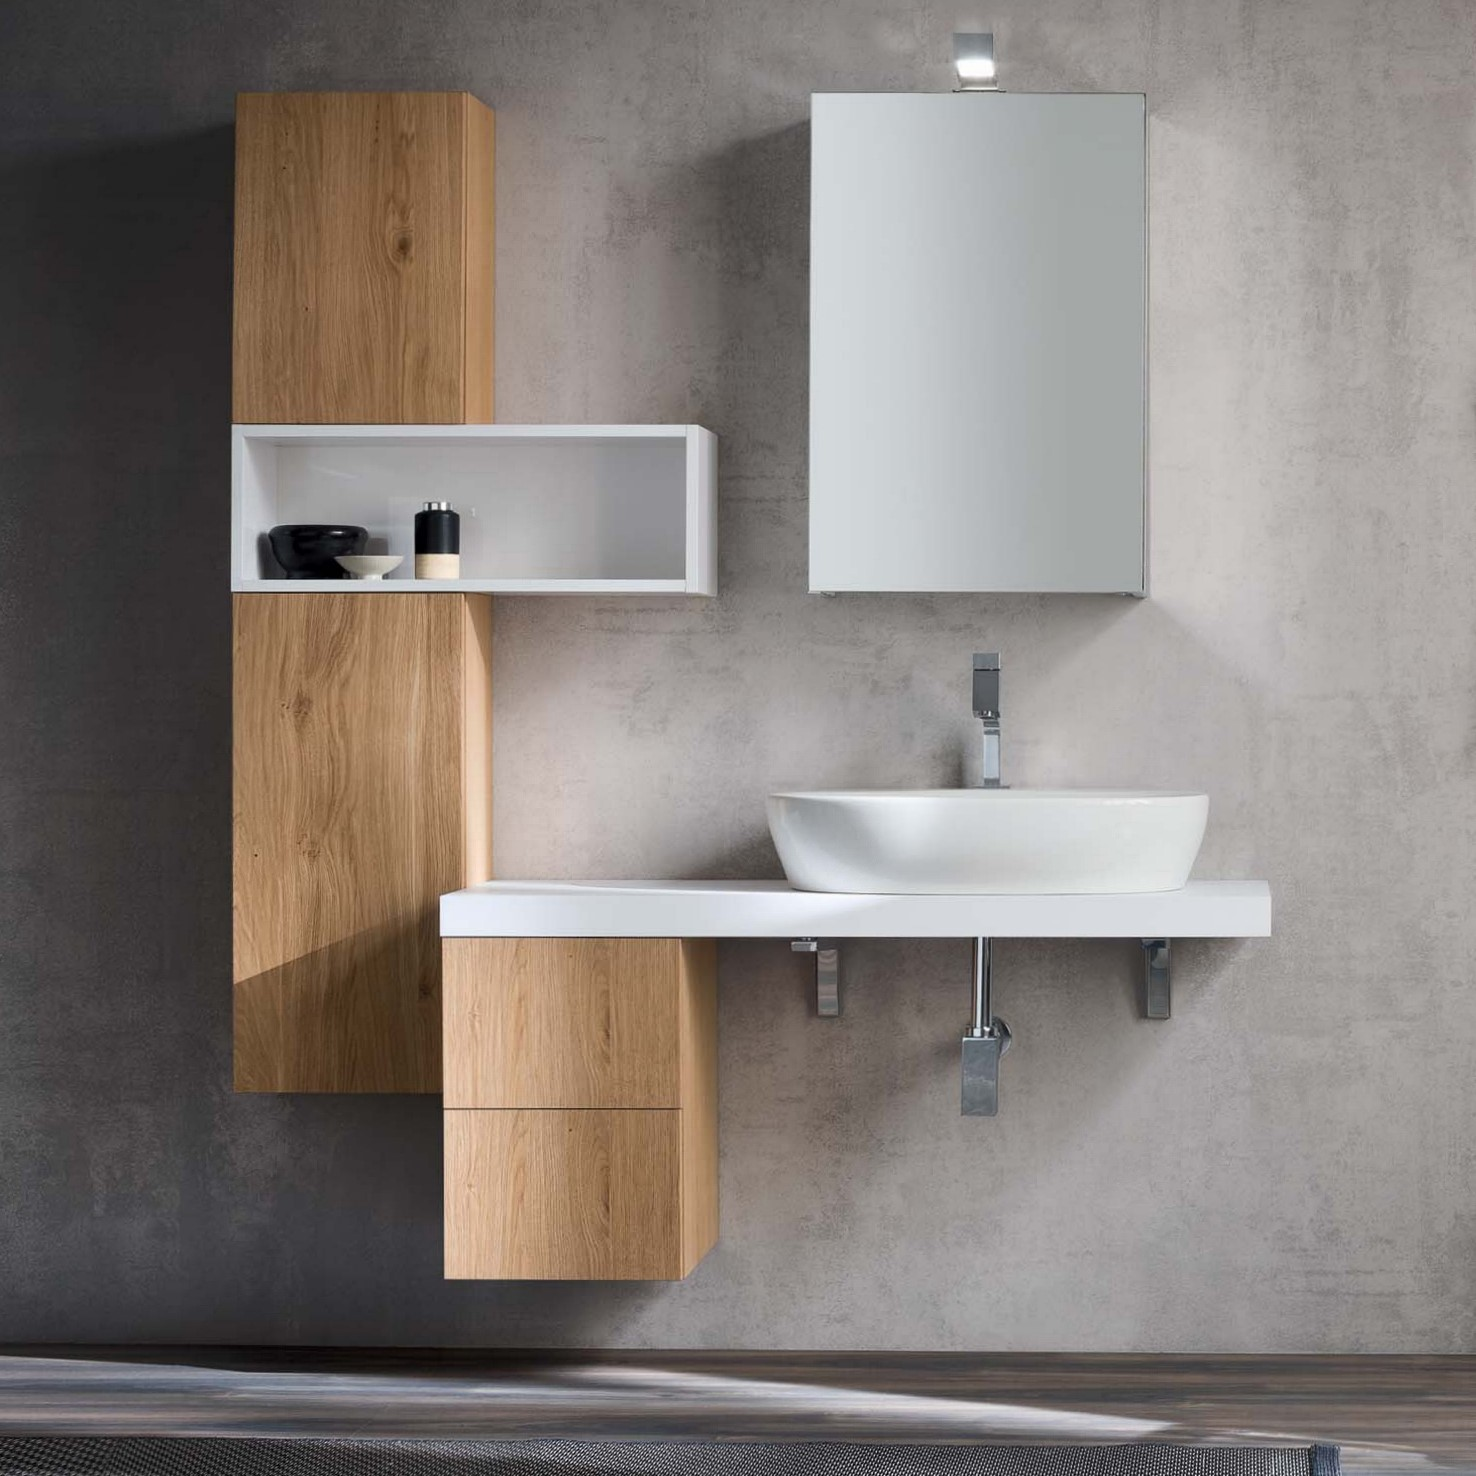 specchio bagno con mensola 70 : con lavabo specchio applique a led cm 50 colore bianco. bagno con ...